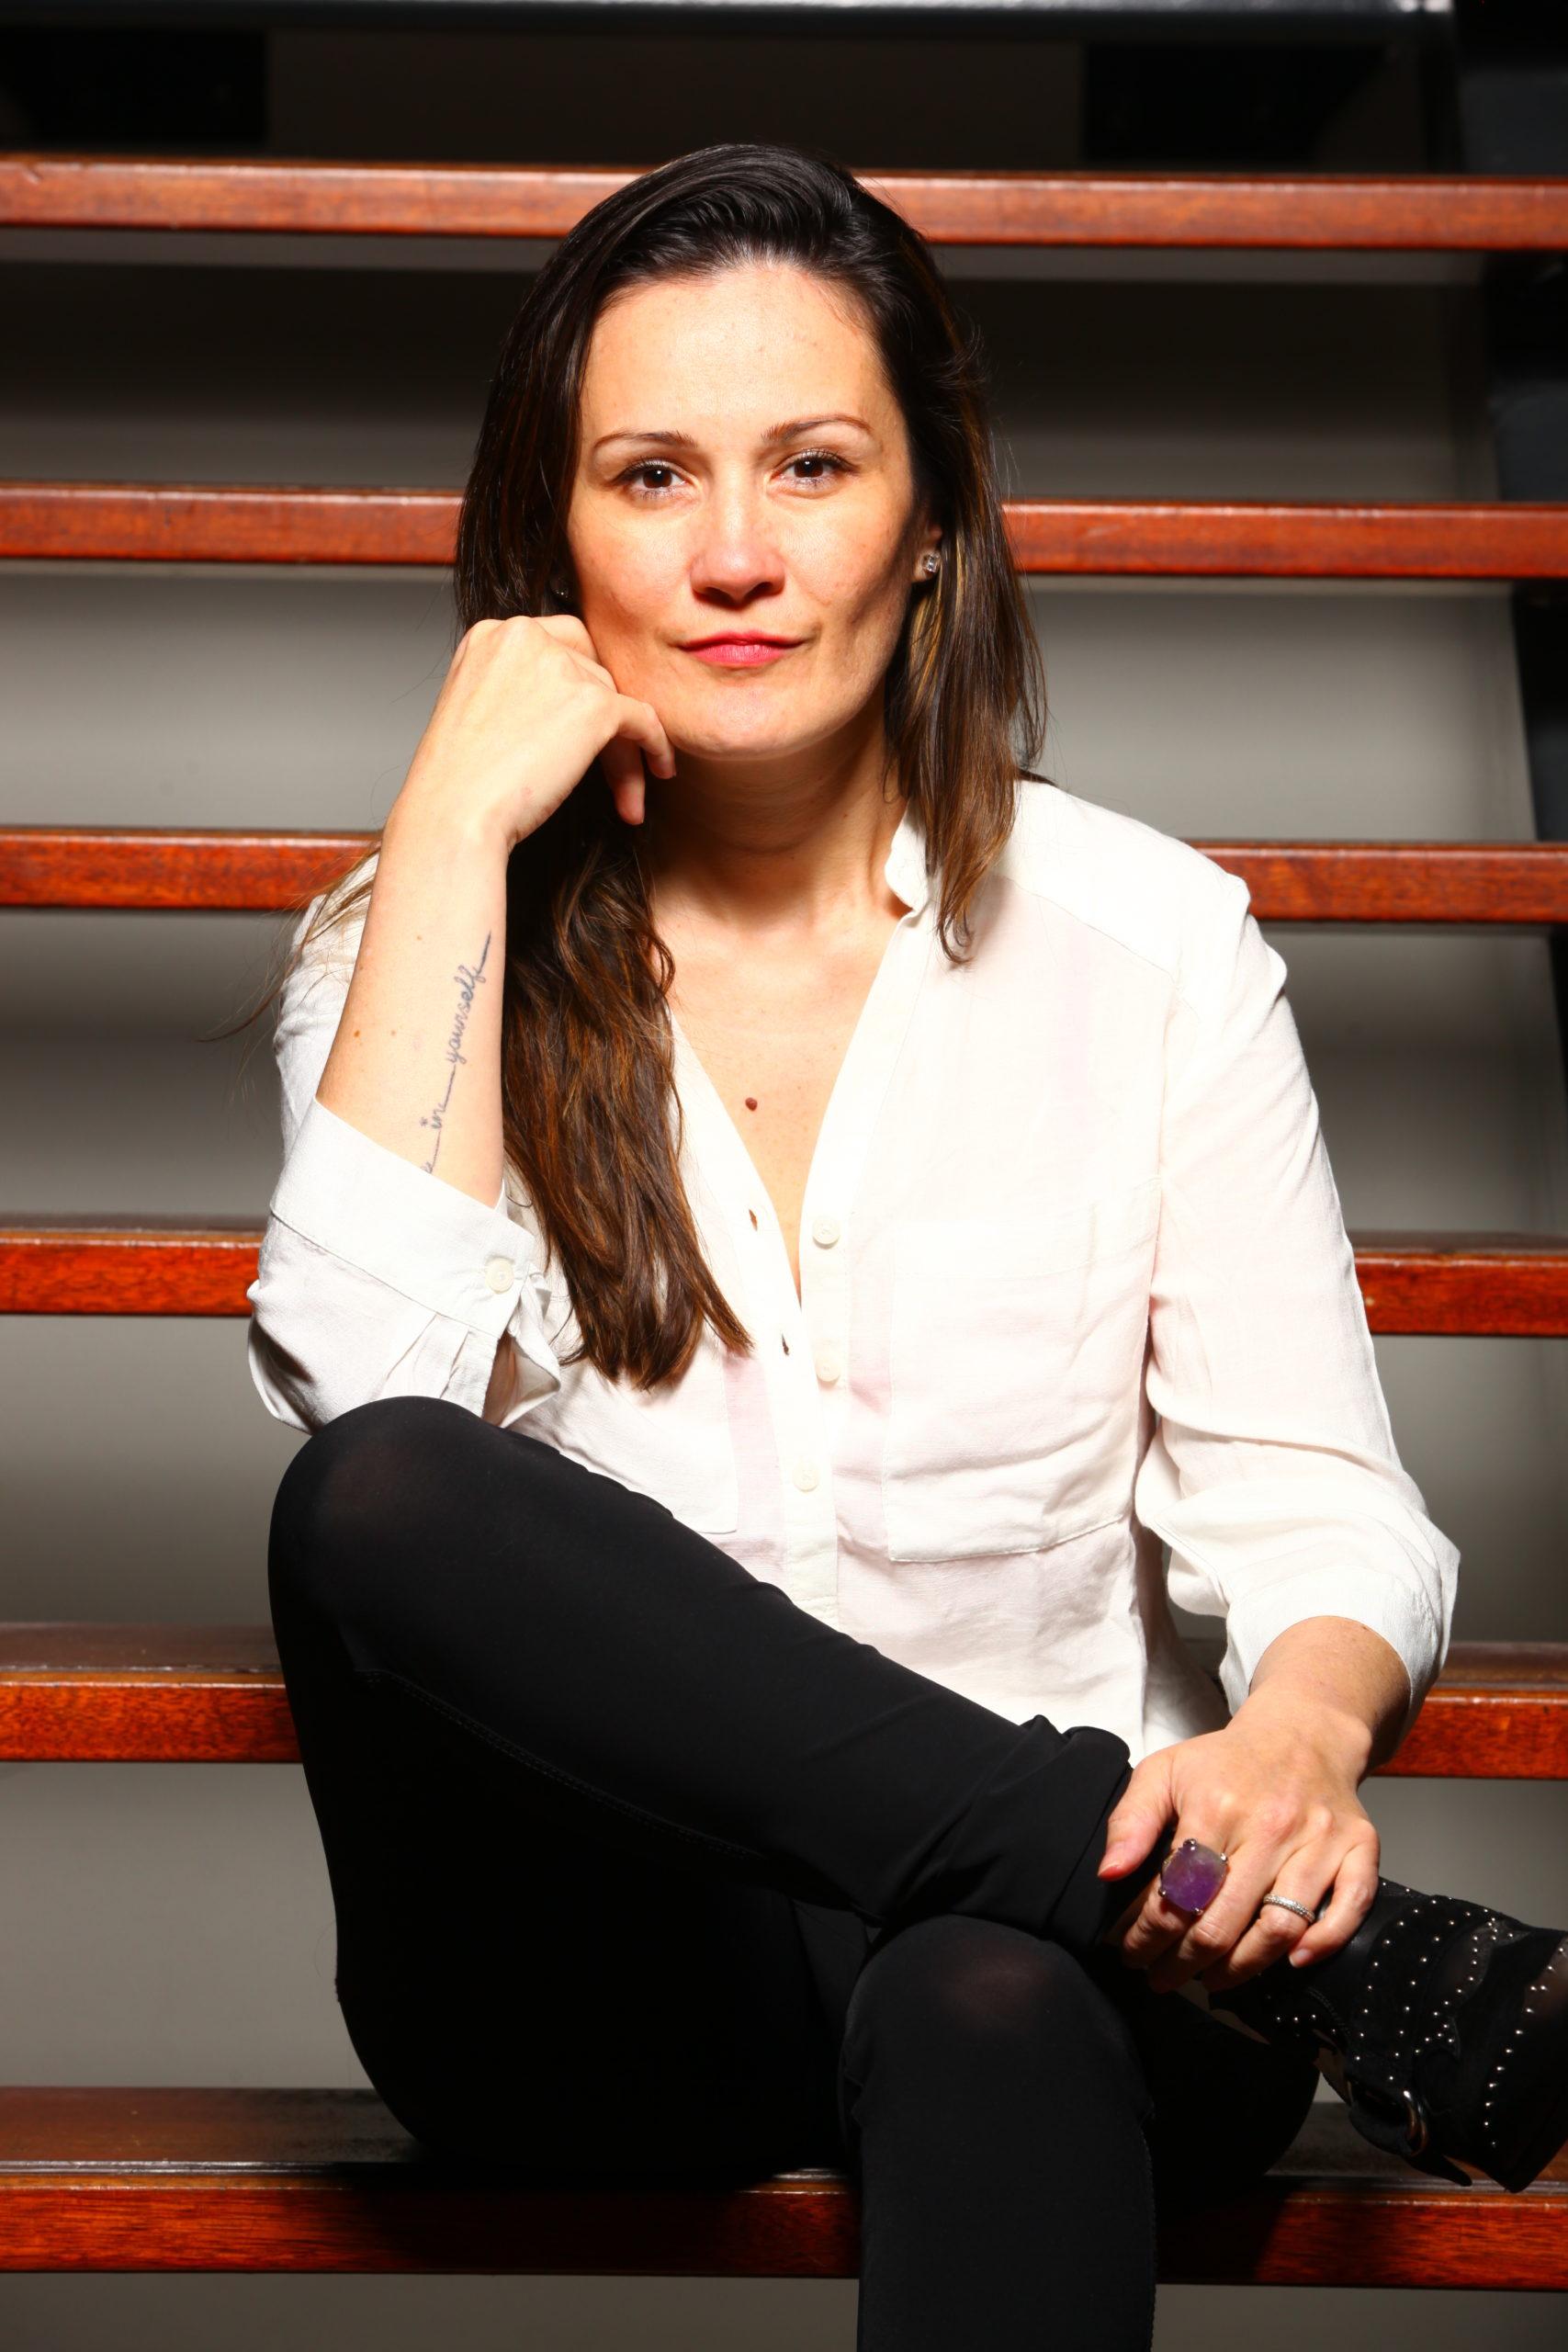 Marie-liz de Jongh